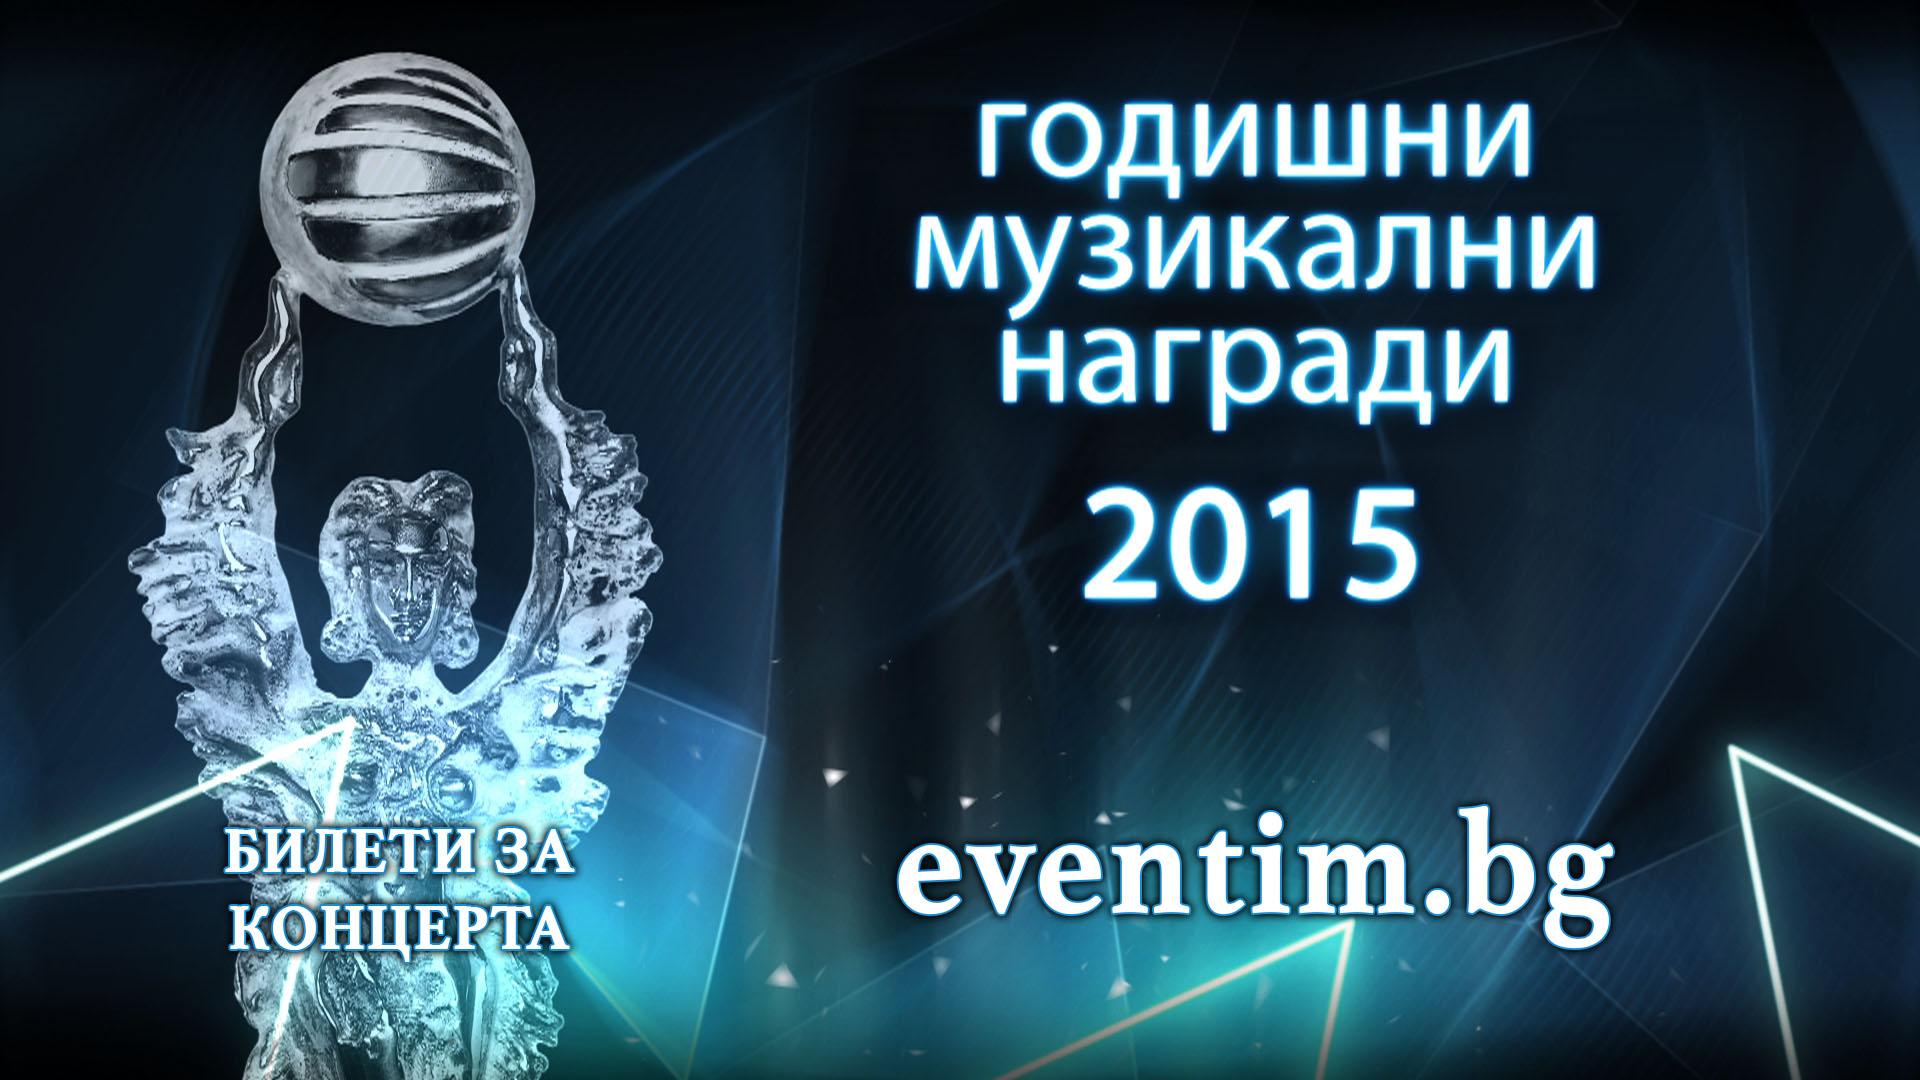 Билет за концерта гарантира, че ще бъдете част от VIP церемонията